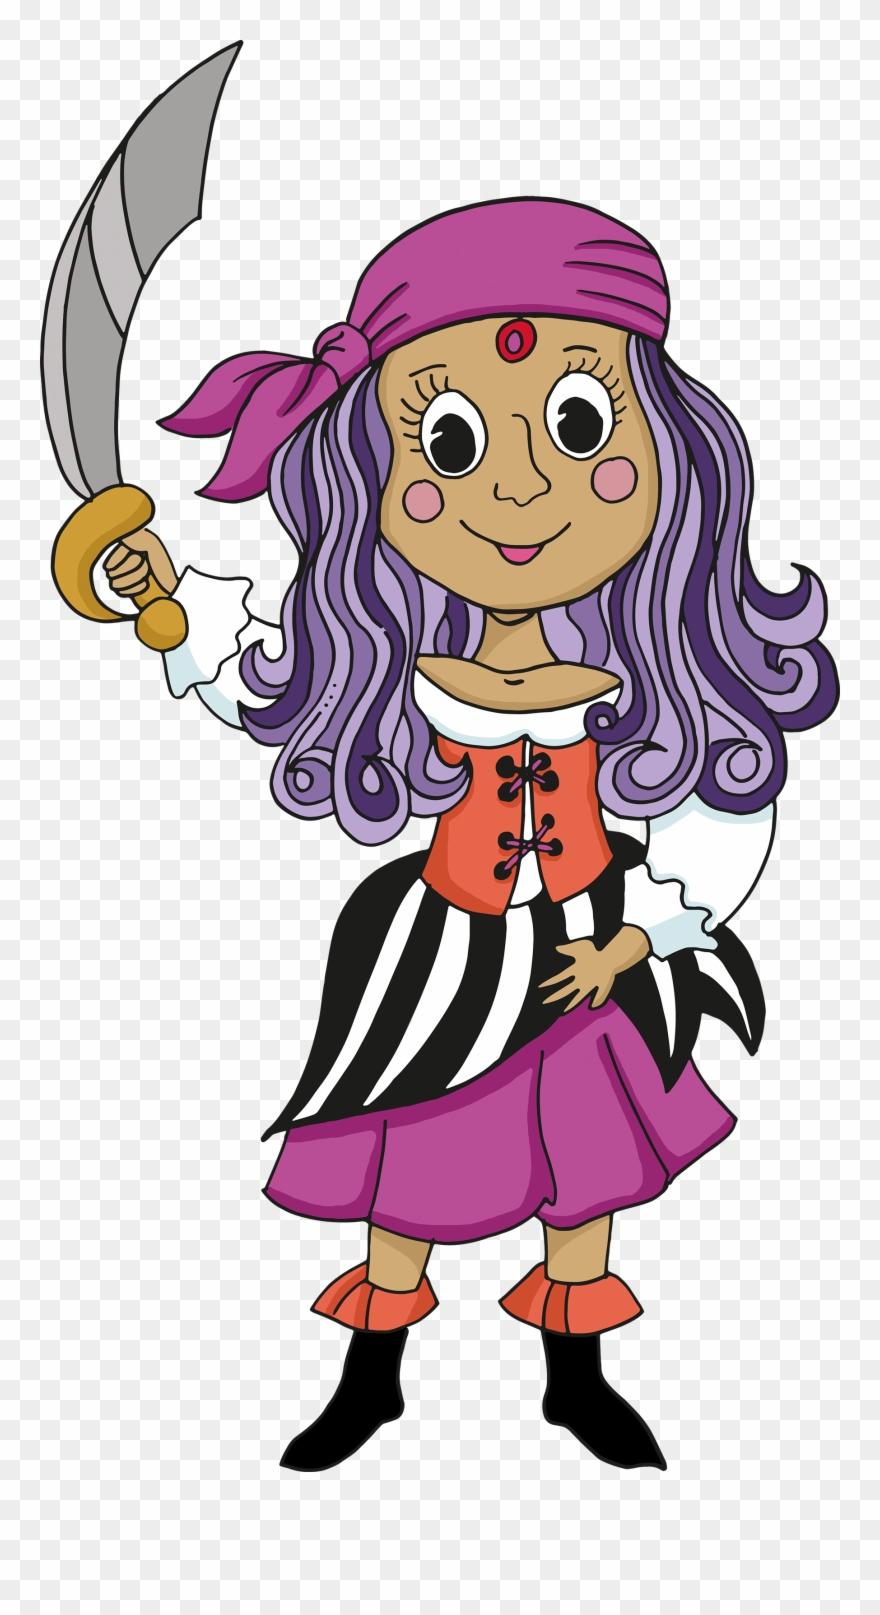 Girl pirate clipart clip transparent Pirate Free Download - Pirate Clipart (#1358058) - PinClipart clip transparent